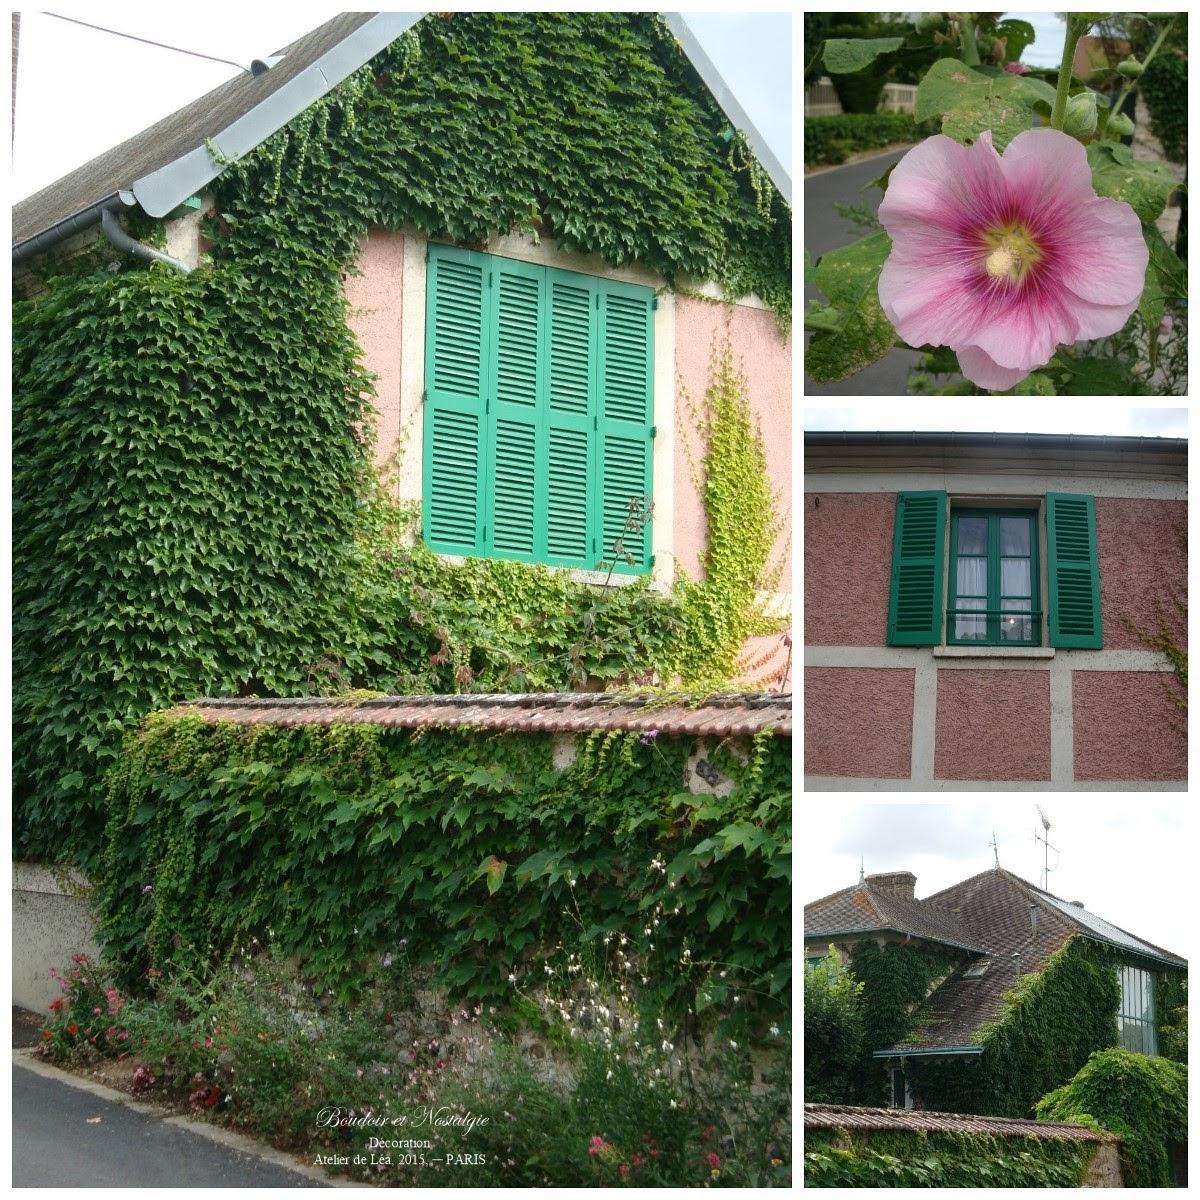 C'est un endroit qui m'a fait, à plus d'un titre, penser à Montmartre.